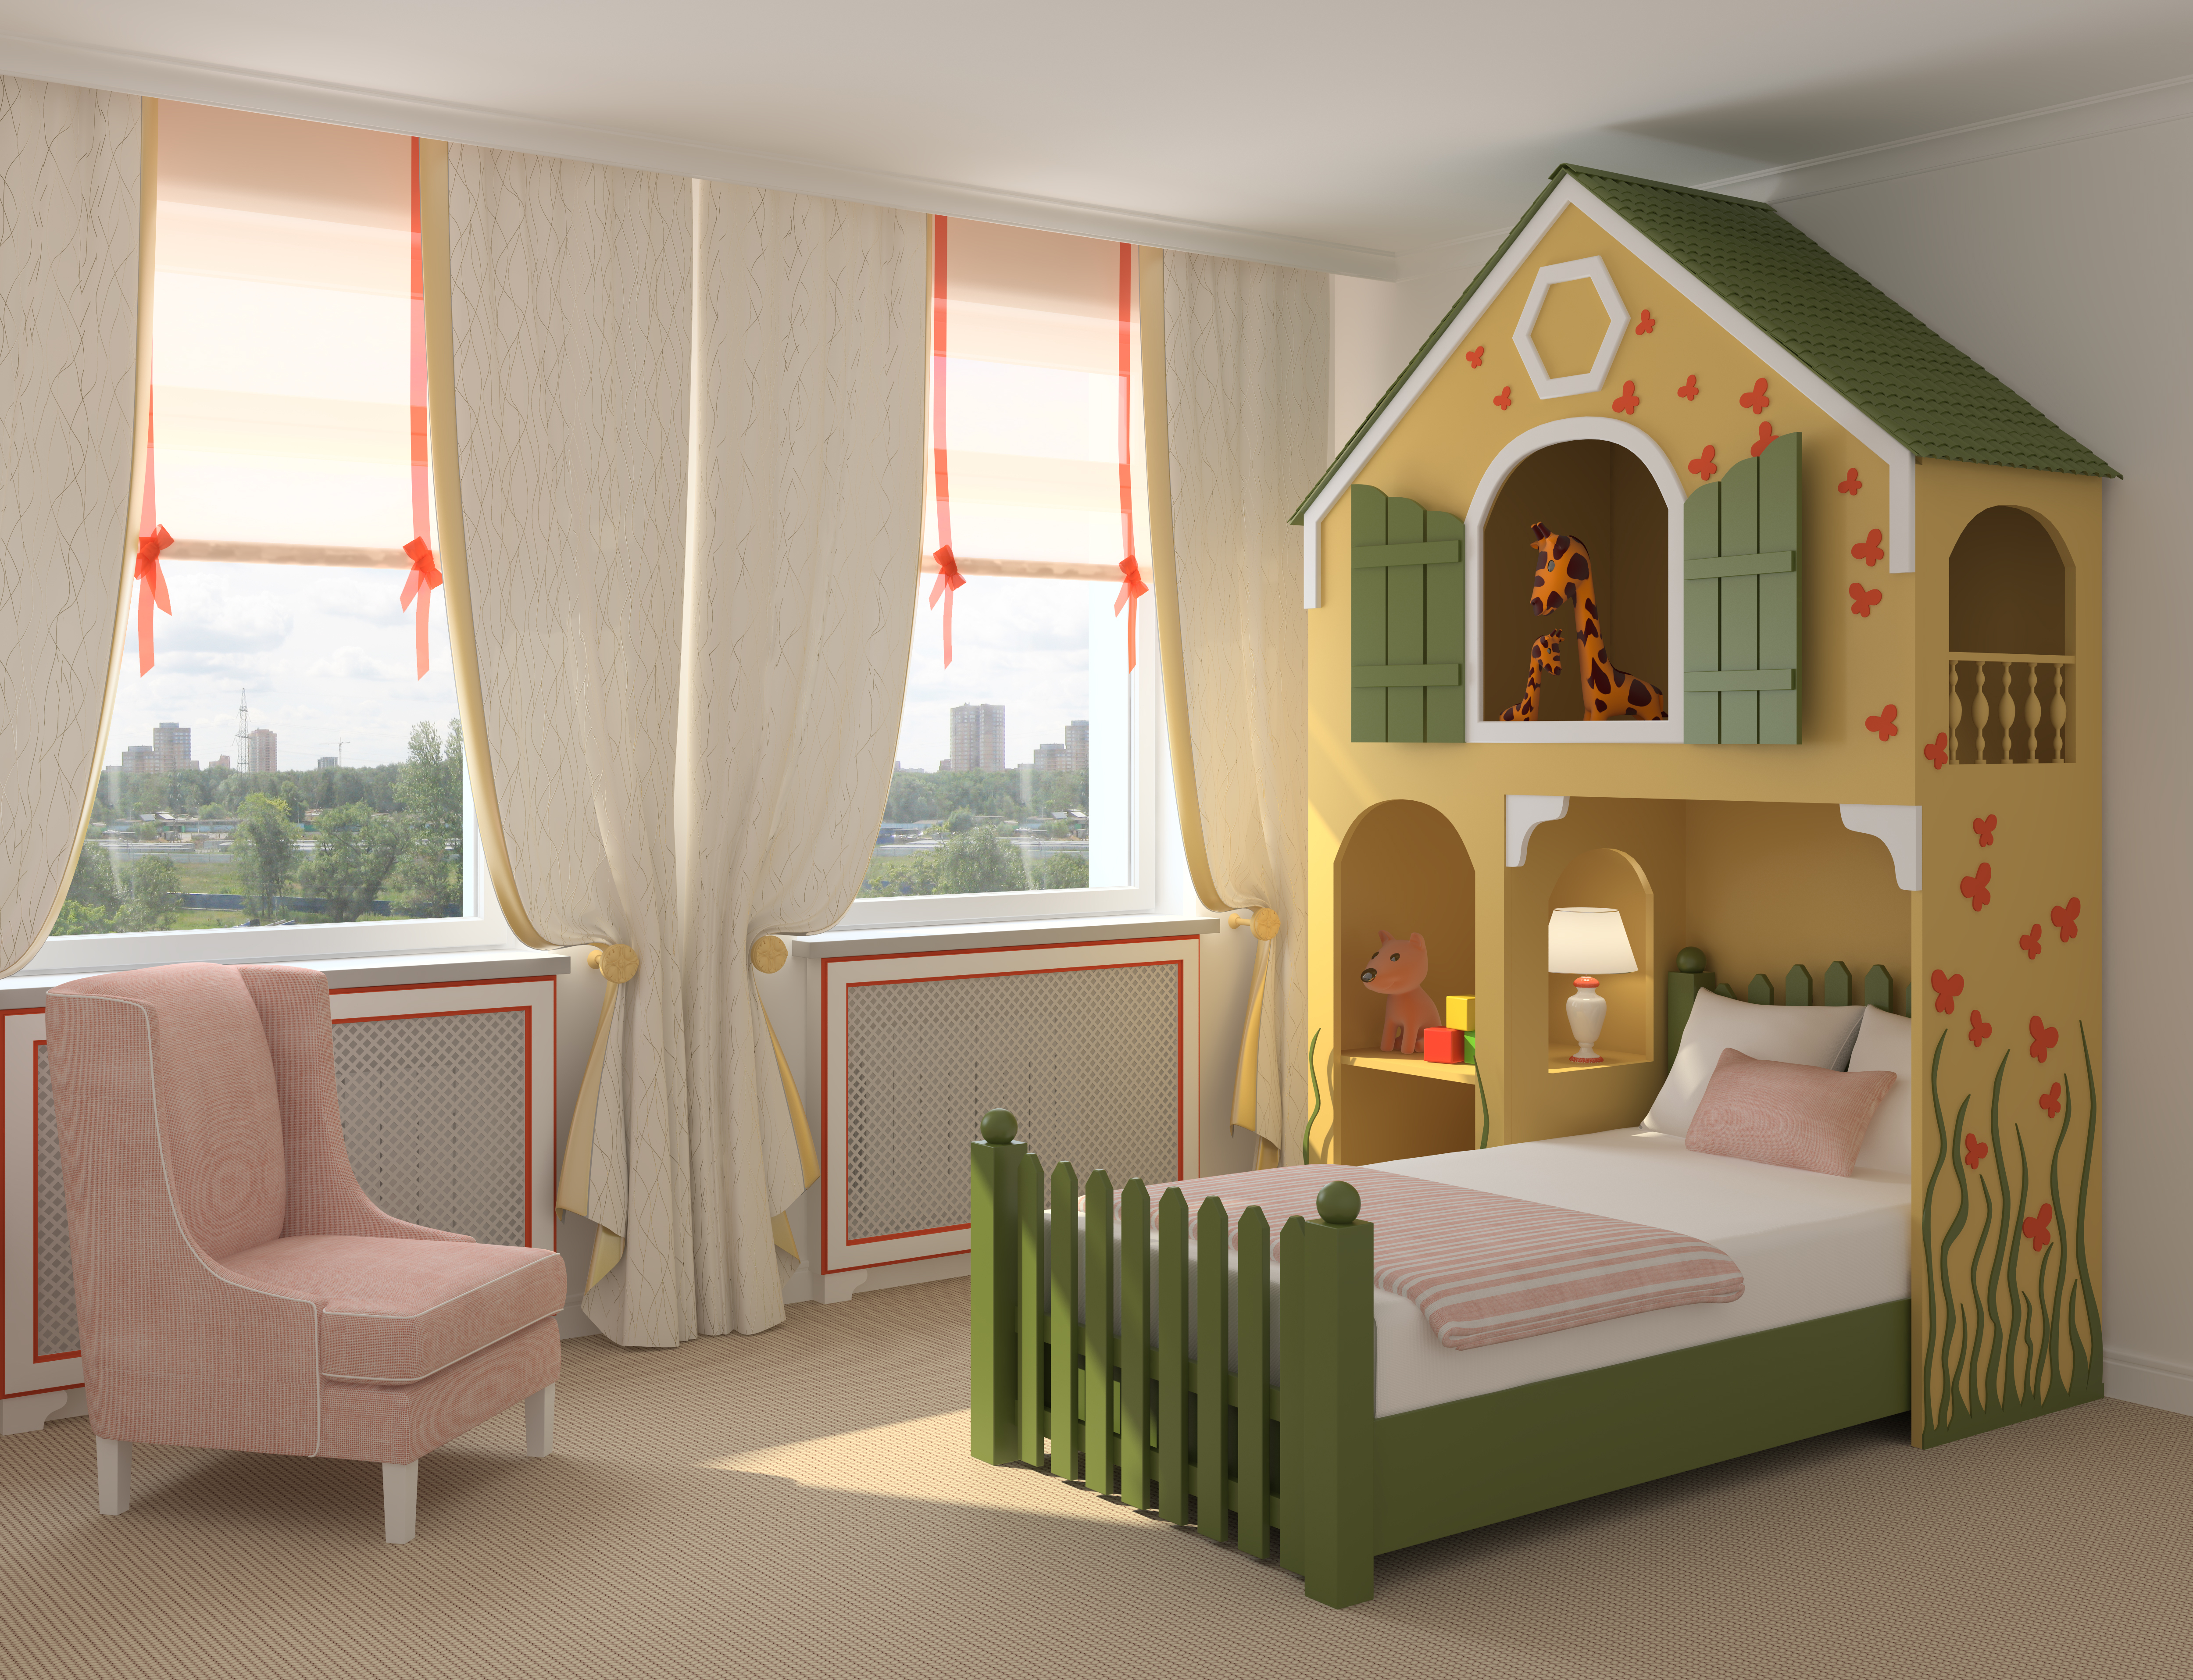 Camerette Per Bimbi Piccoli come trasformare la nursery in una cameretta per bambino di